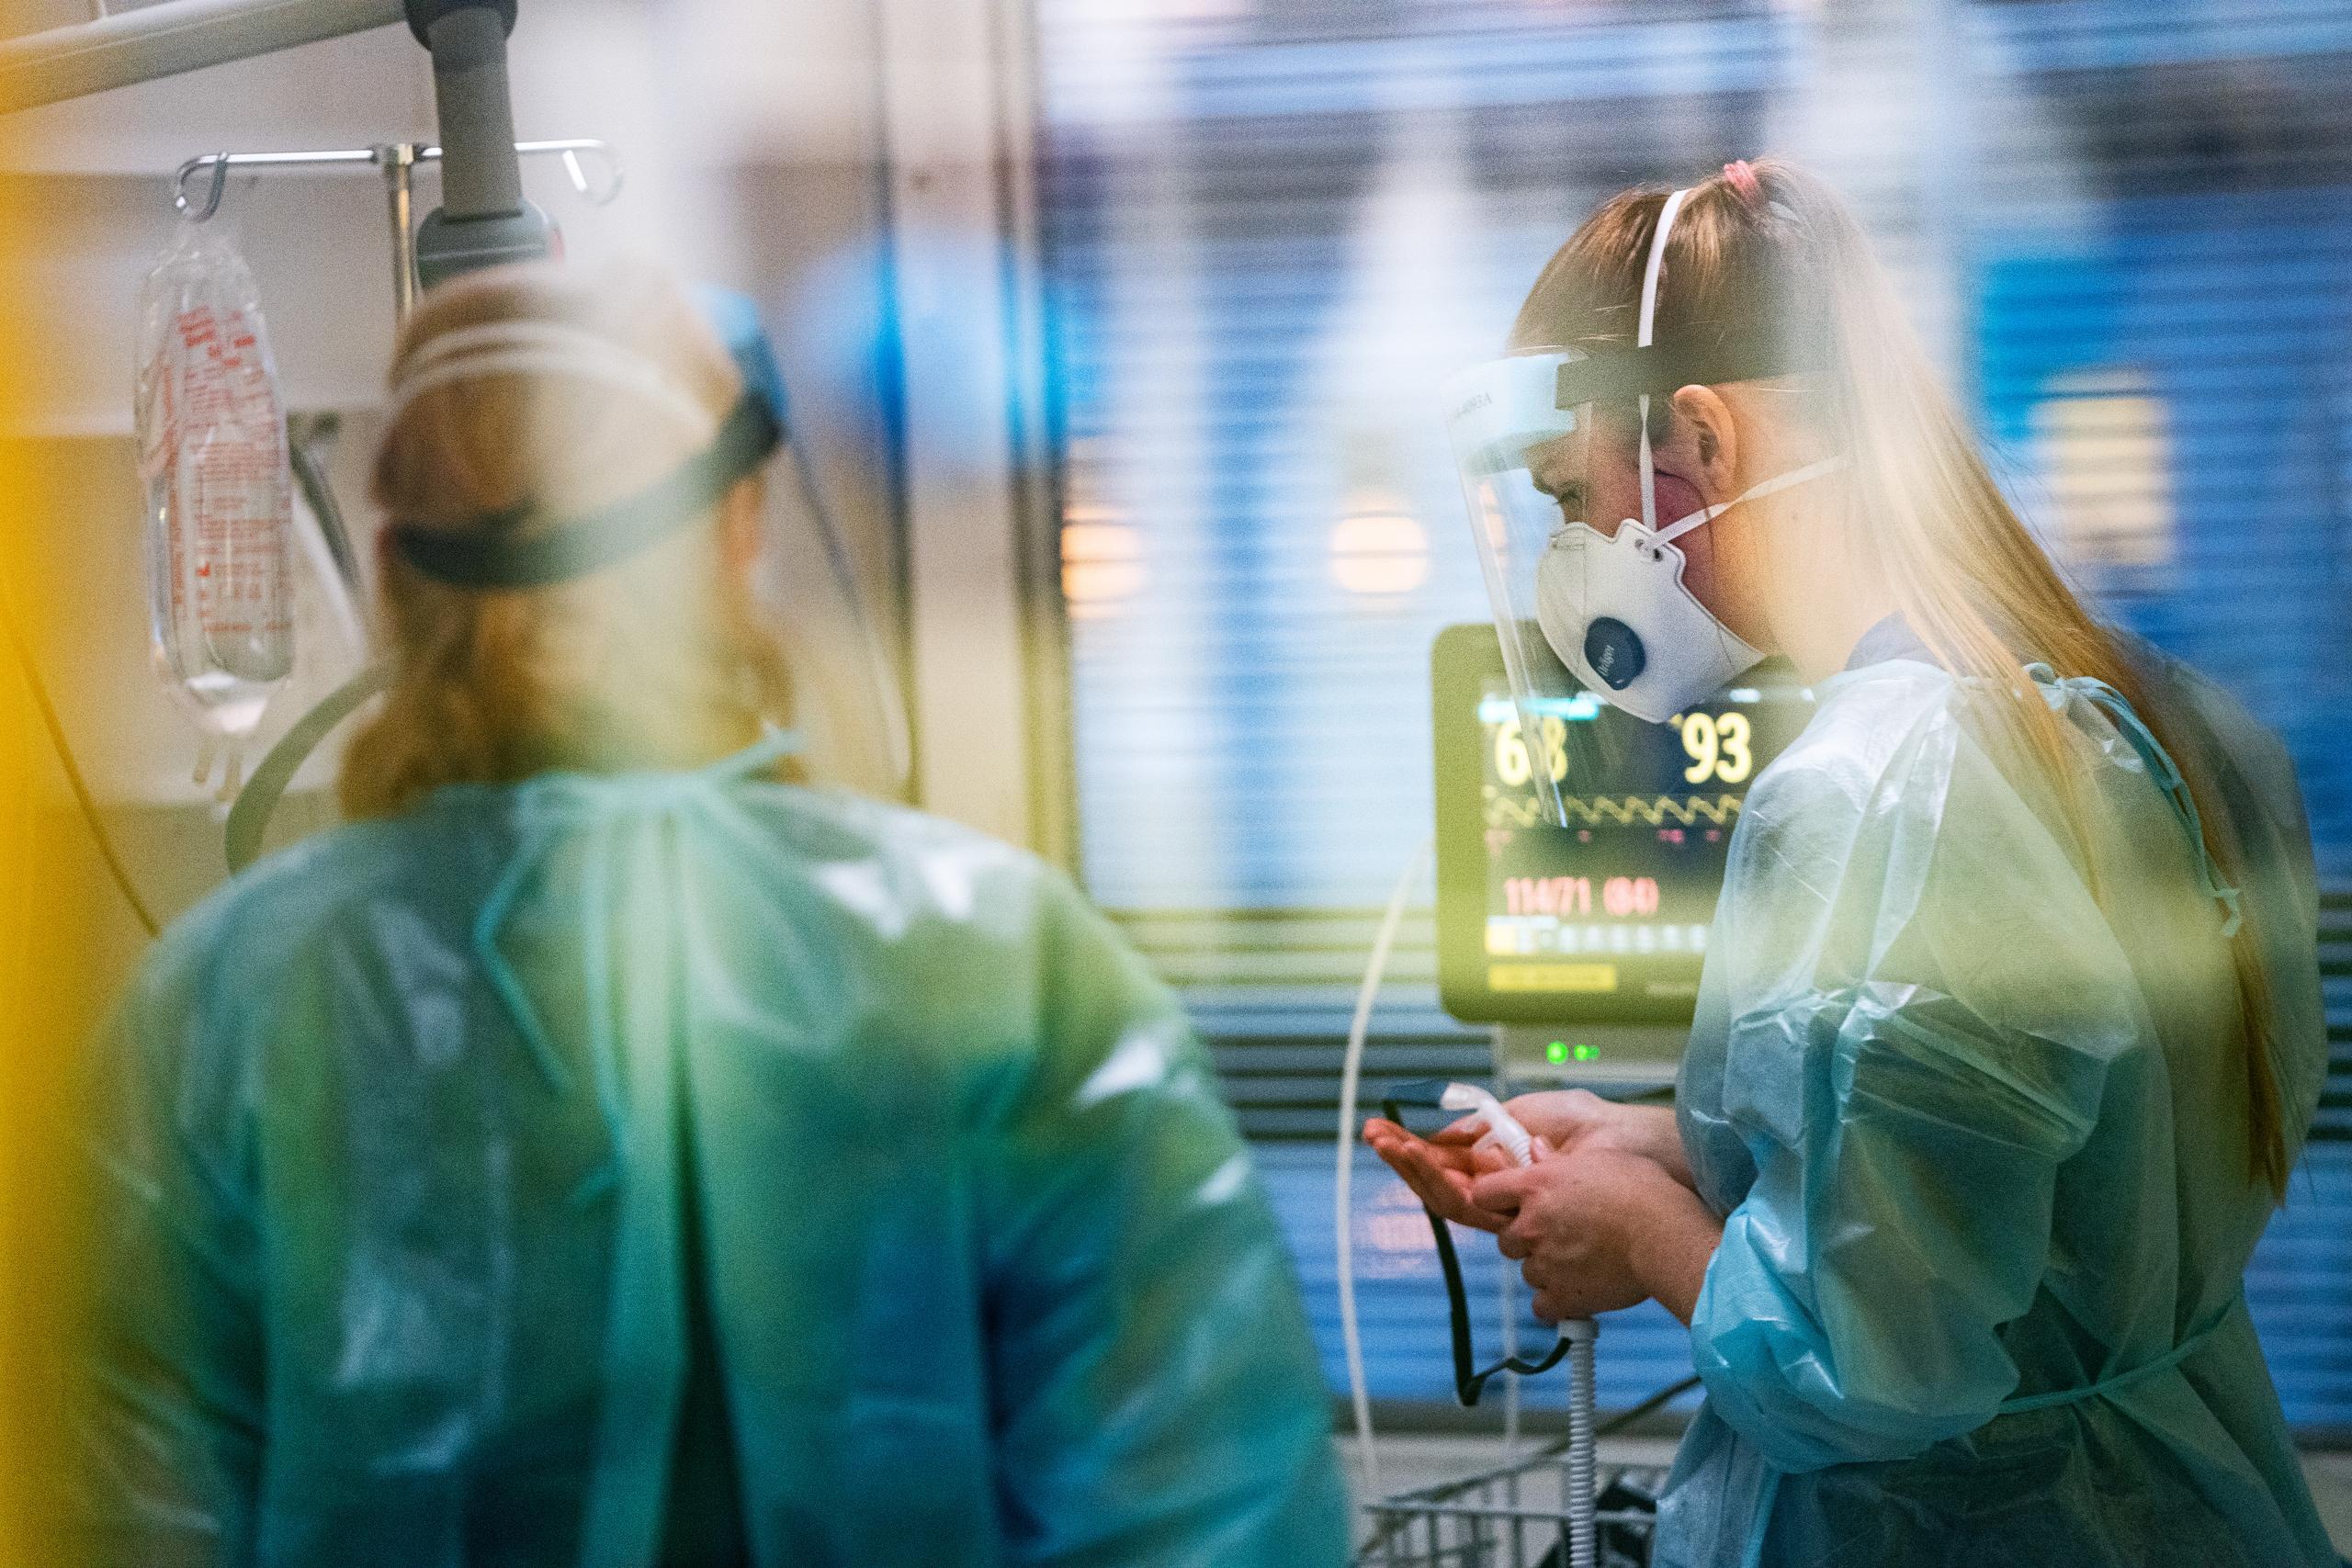 Ge sjuksköterskorna lika hög lön som fotbollsproffsen!